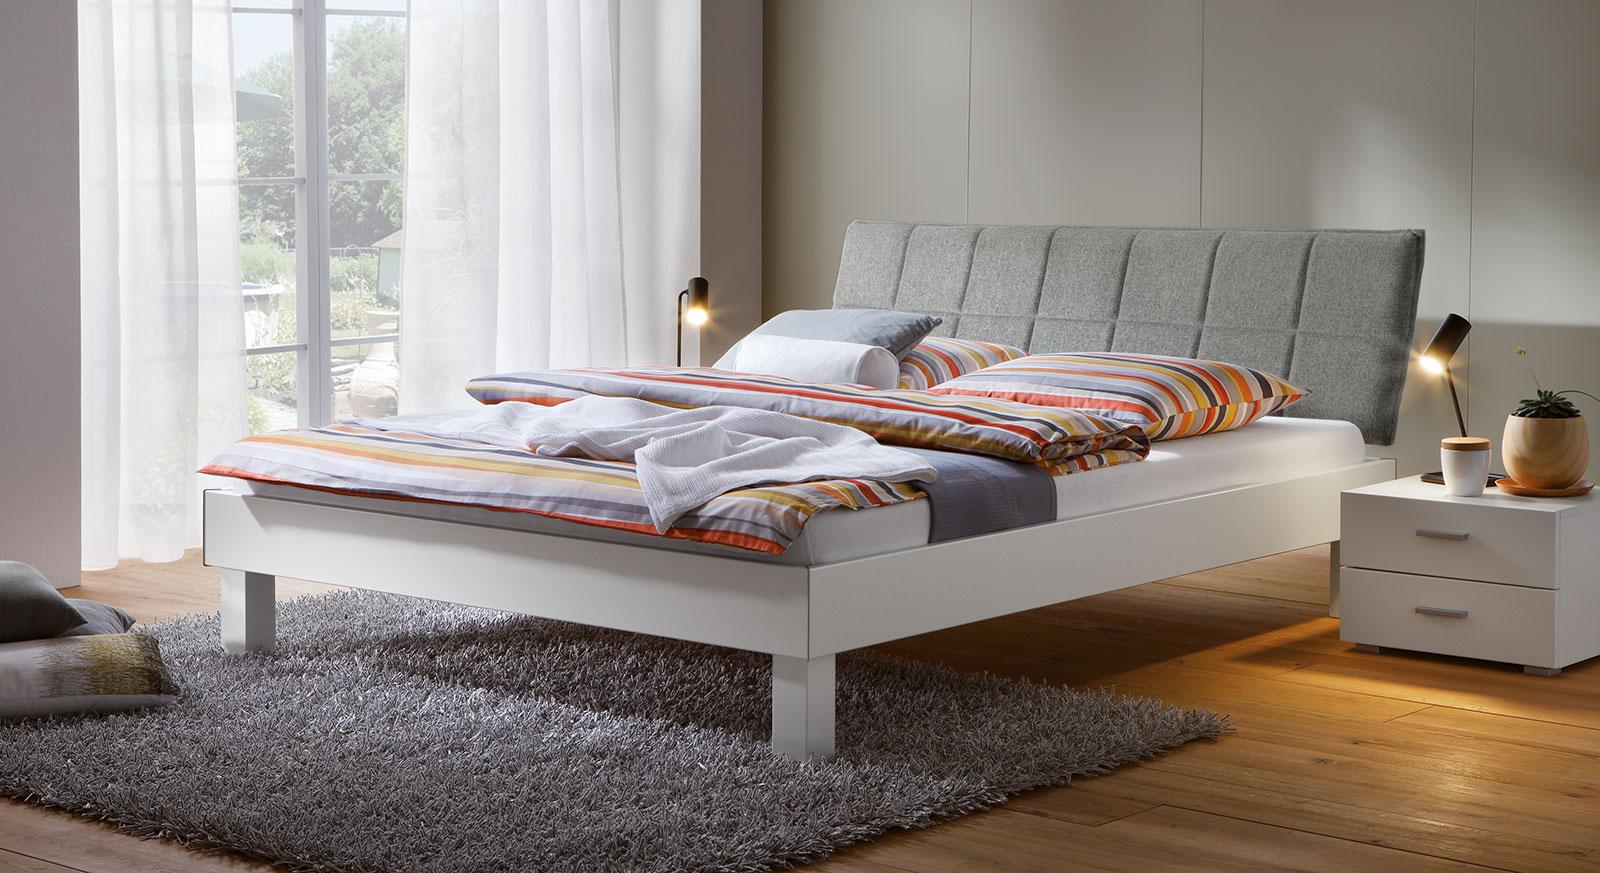 Full Size of Weiße Betten Modernes Bettgestell 160x200 Mit Polsterkopfteil Sierra Jensen Paradies Kinder Ikea Amazon Massivholz Außergewöhnliche Bettkasten De Joop Rauch Bett Weiße Betten